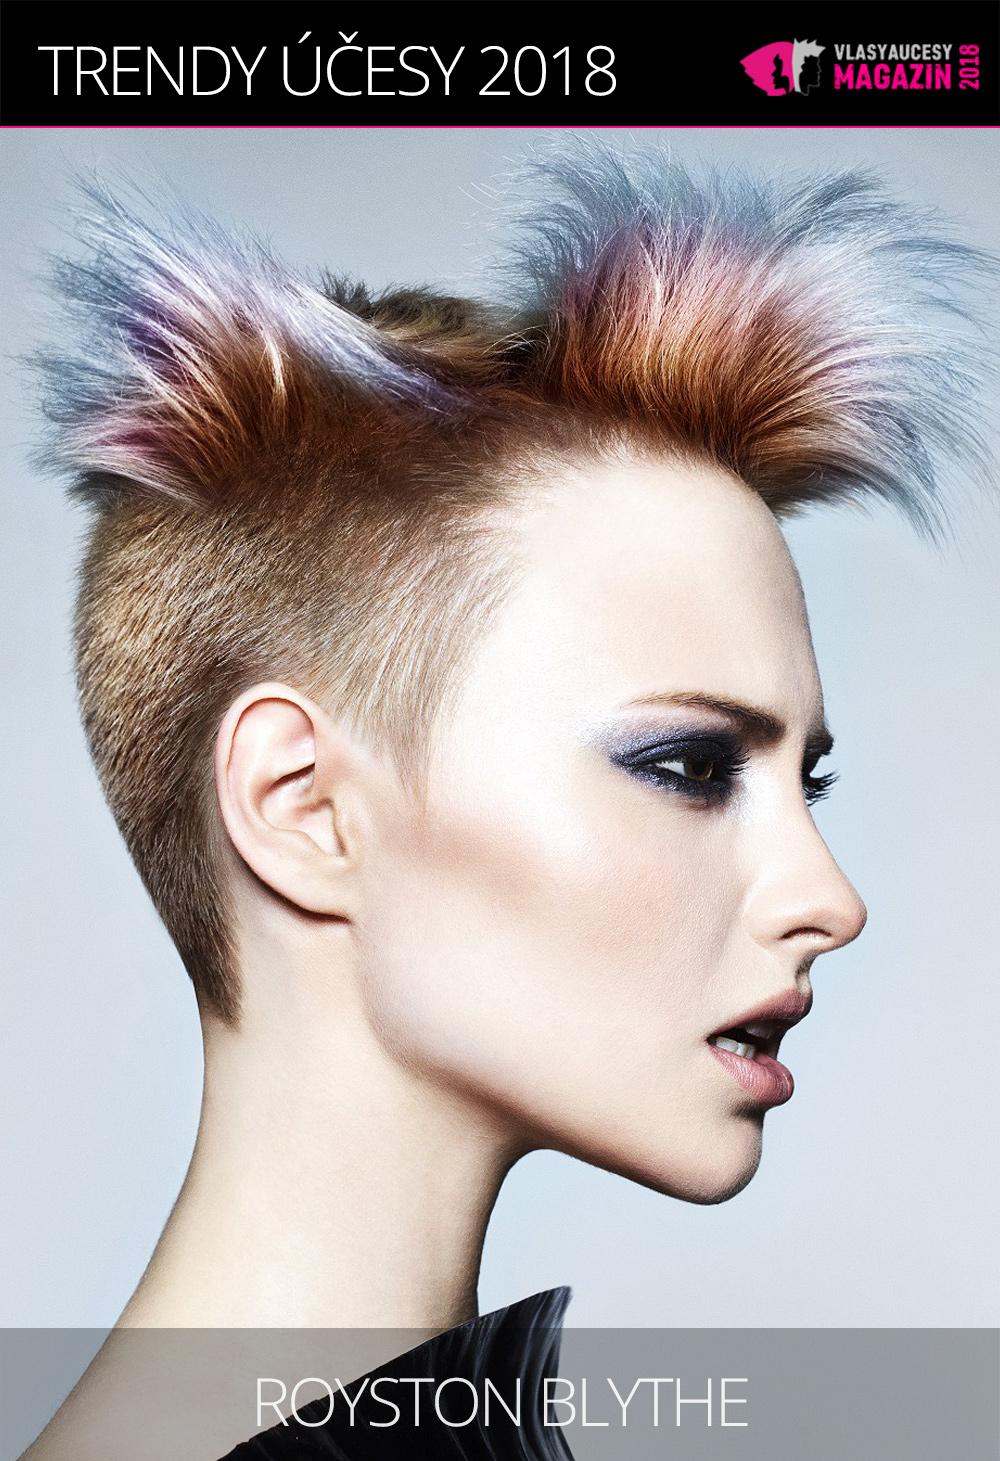 Redefinujte své vlasy a vsaďte na zdravý krátký sestřih. (Royston Blythe, Vivid Collection)